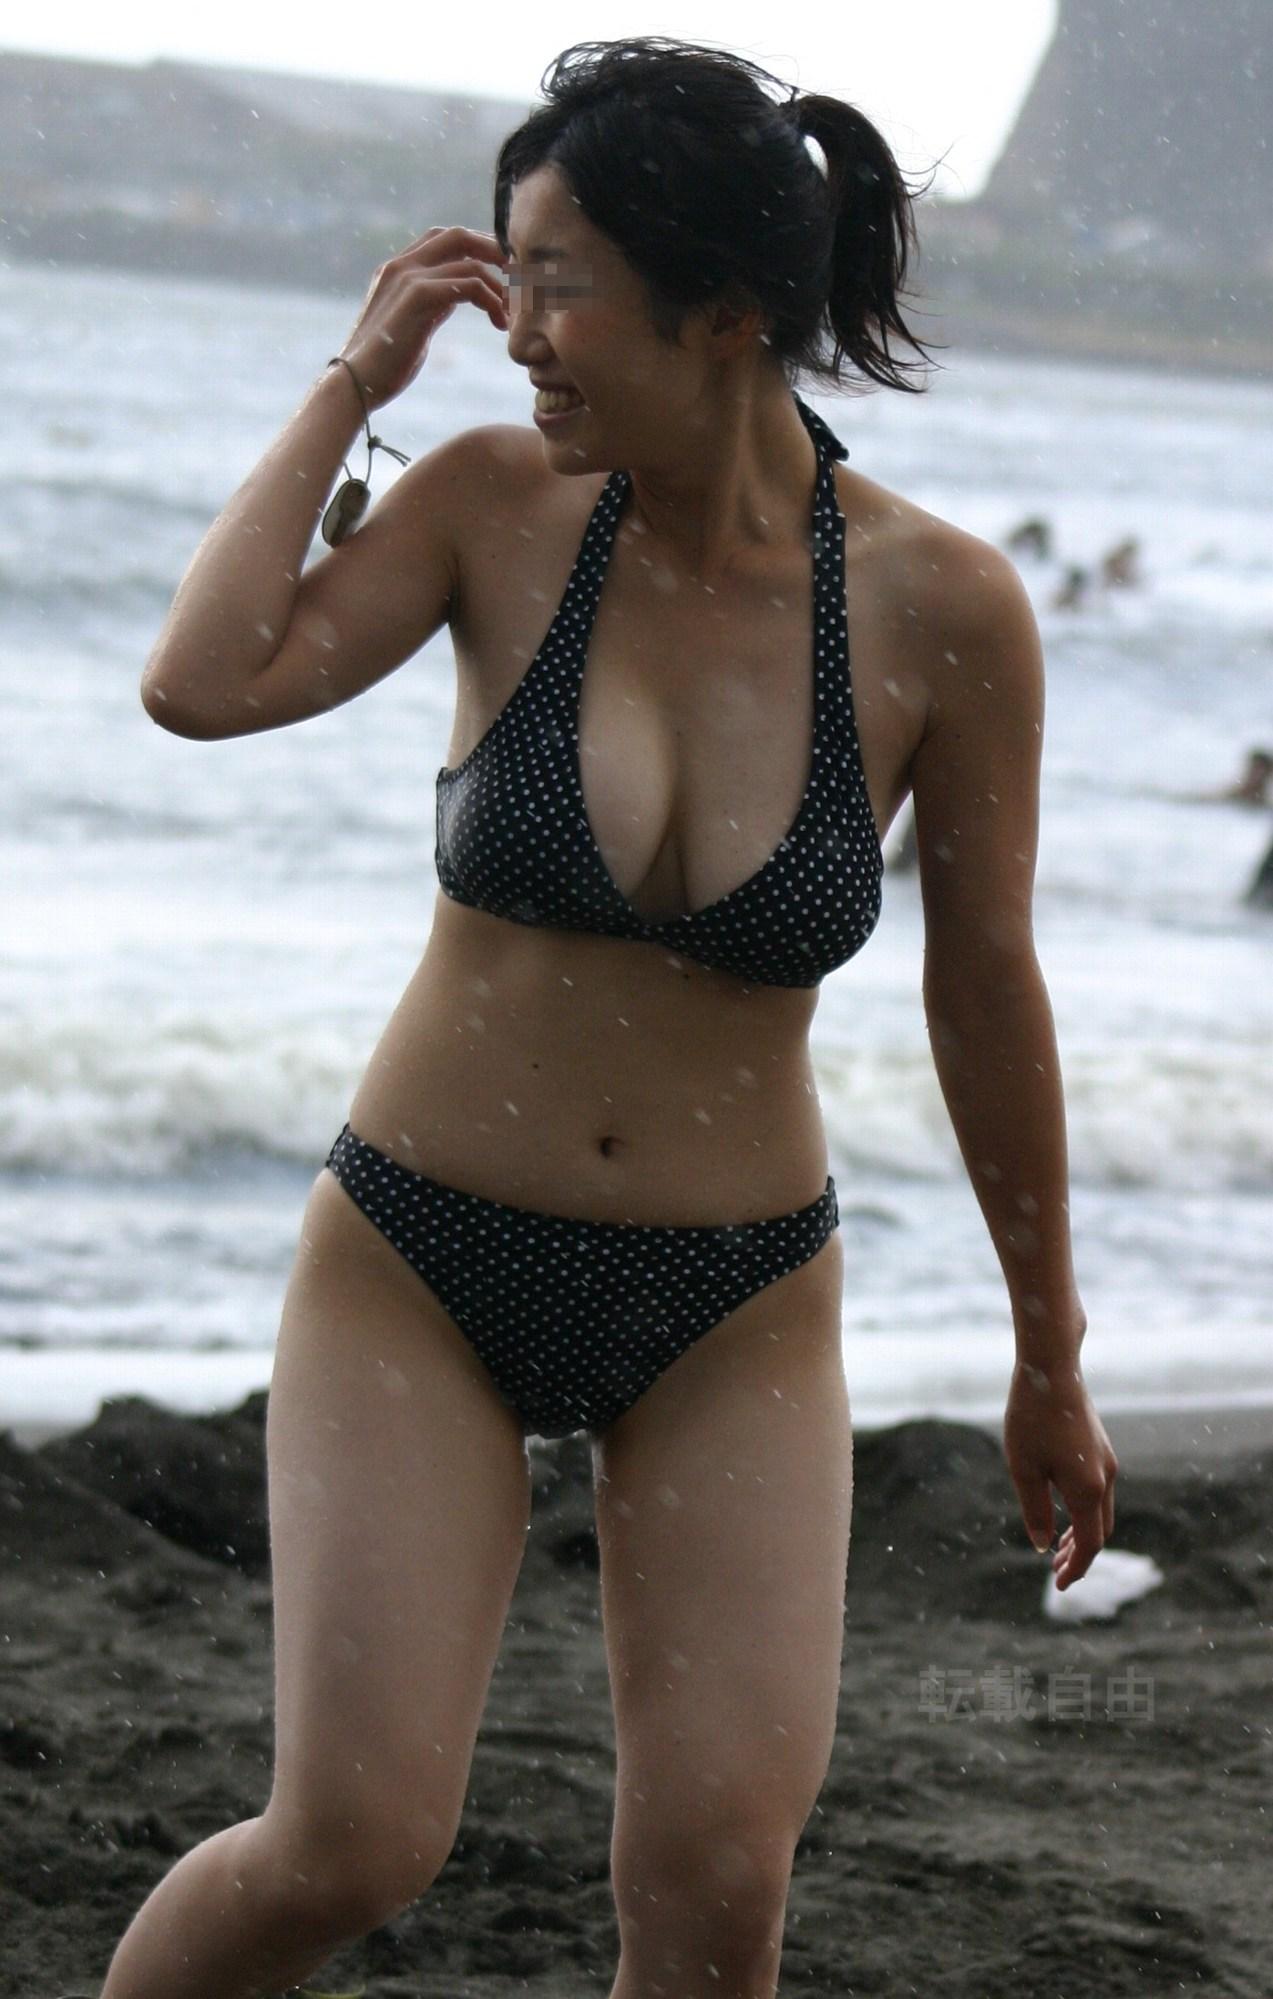 【水着エロ画像】あんな下着同然の布の奥に…ビーチに実った果実の如きビキニおっぱいwww 07